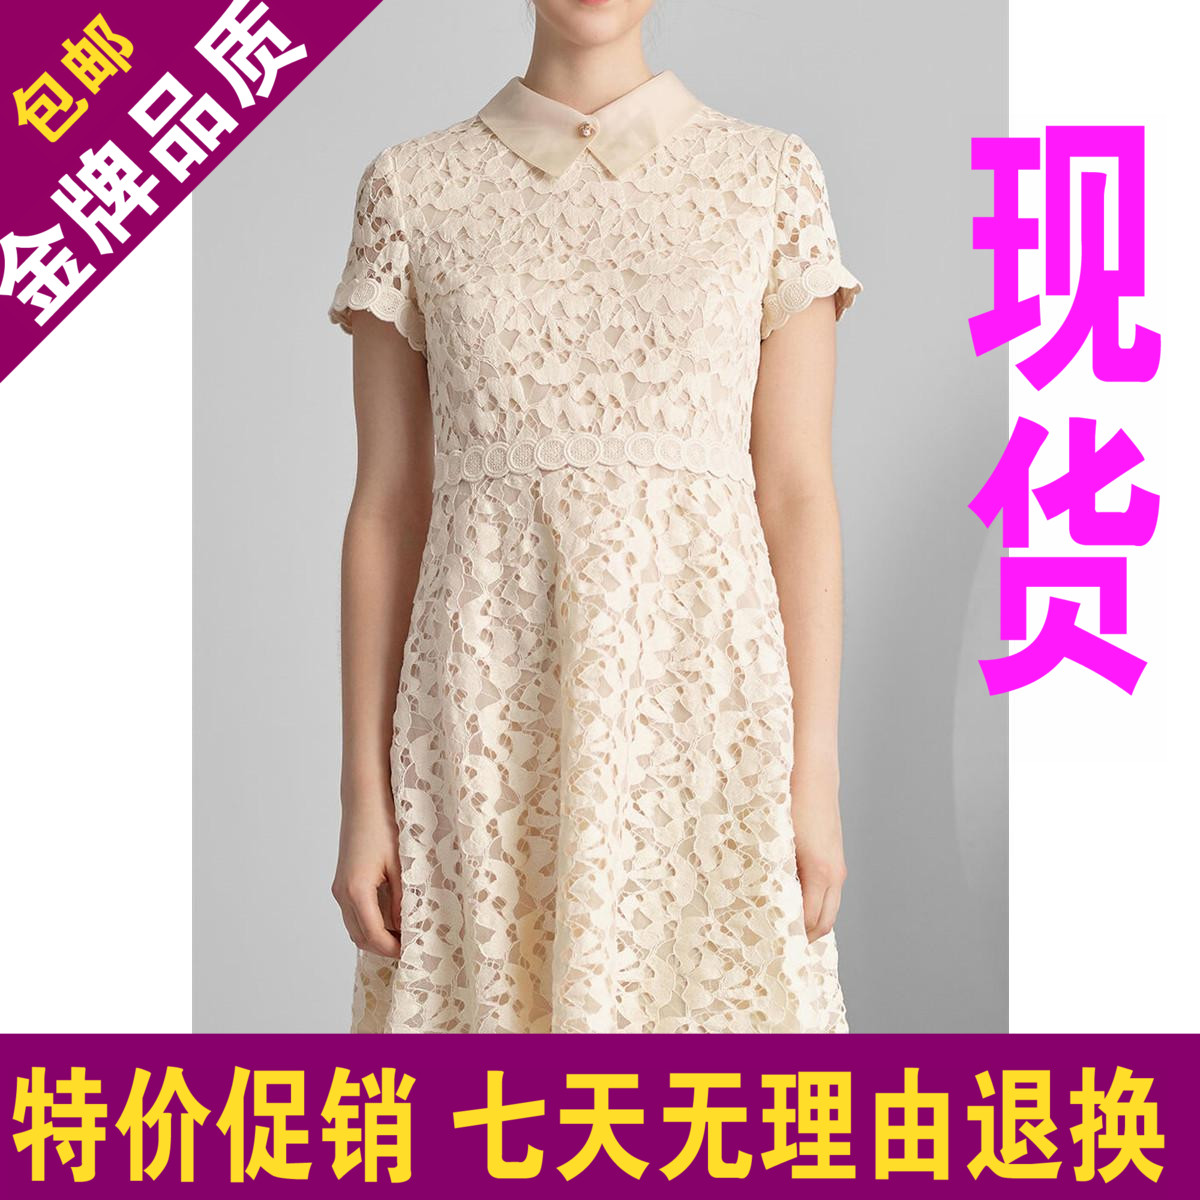 维格娜丝劲草2018夏季专柜品质新款针织连衣裙女VSLQJ25530包邮